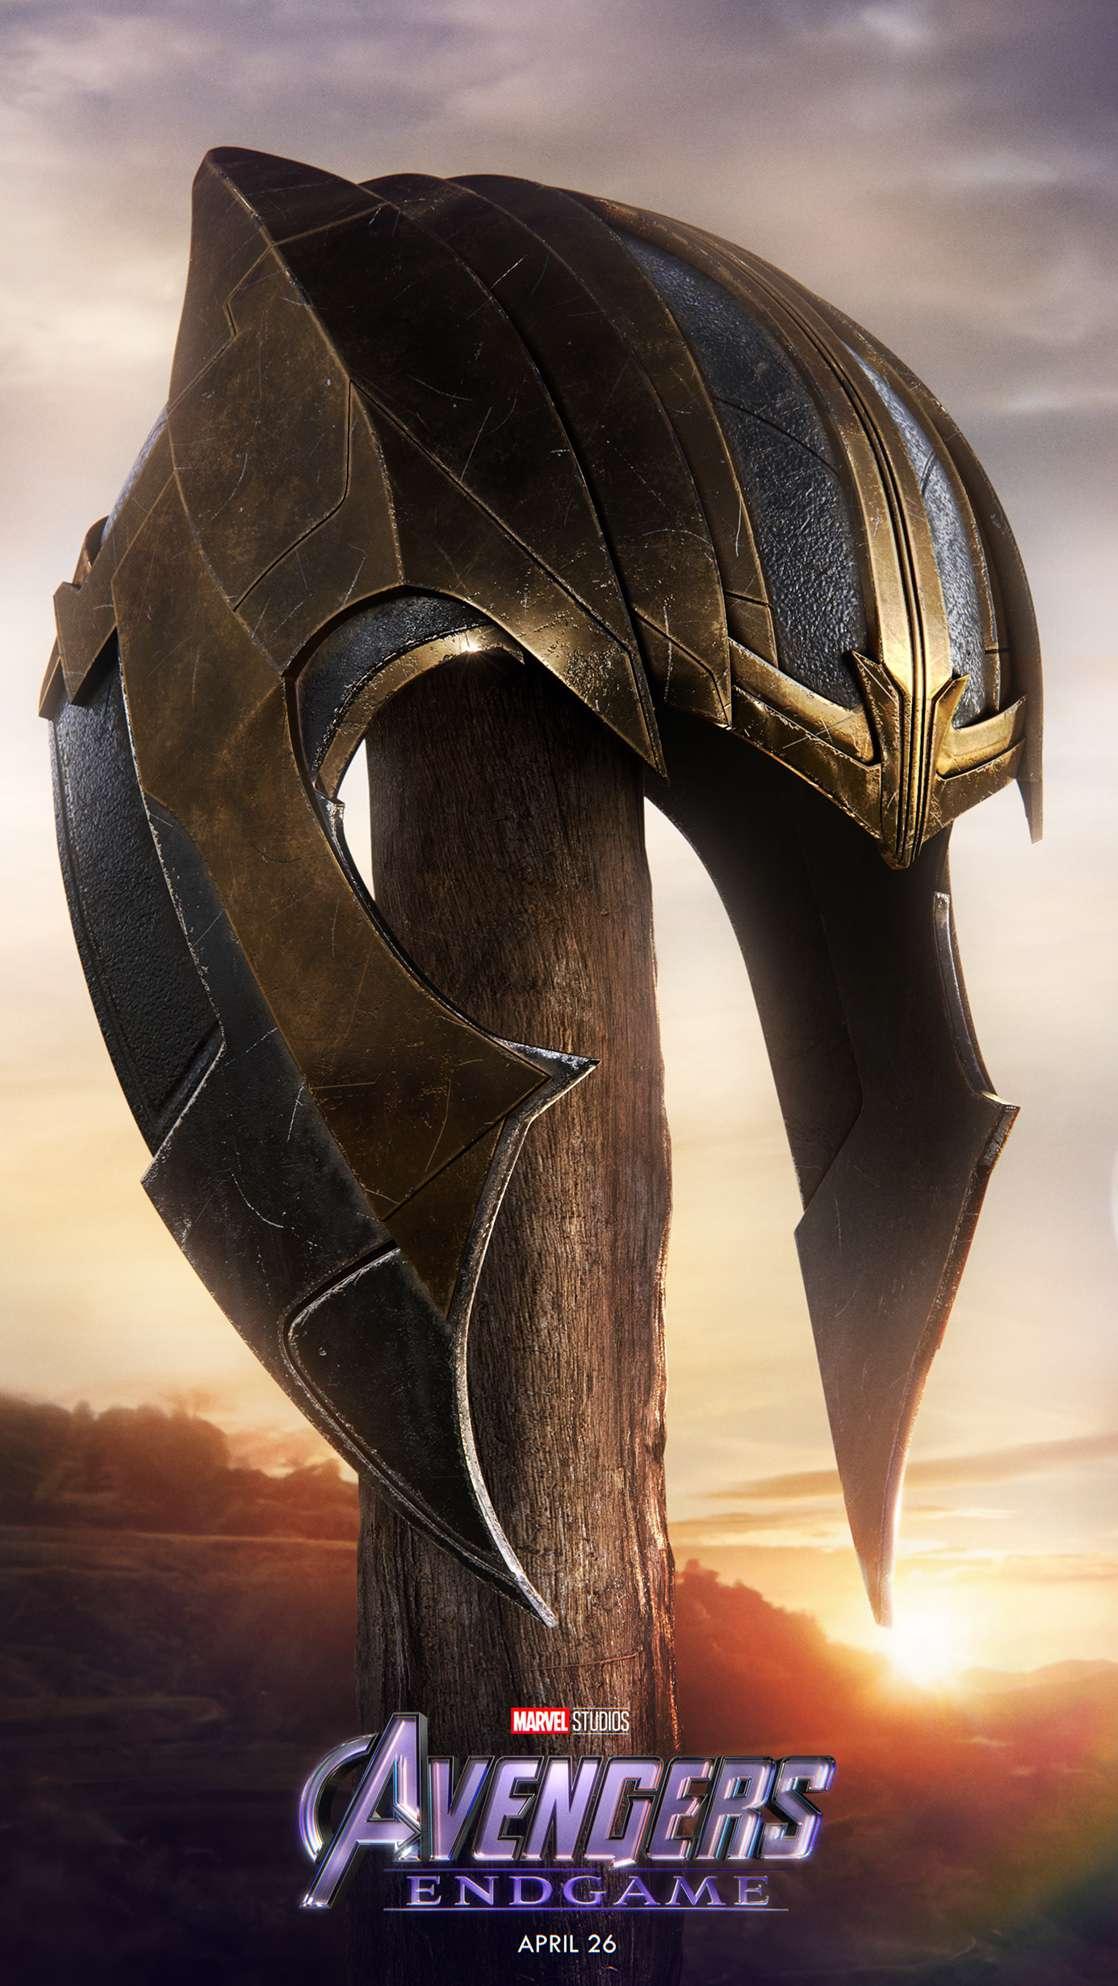 Avengers Endgame Poster Wallpaper Movie Mortal